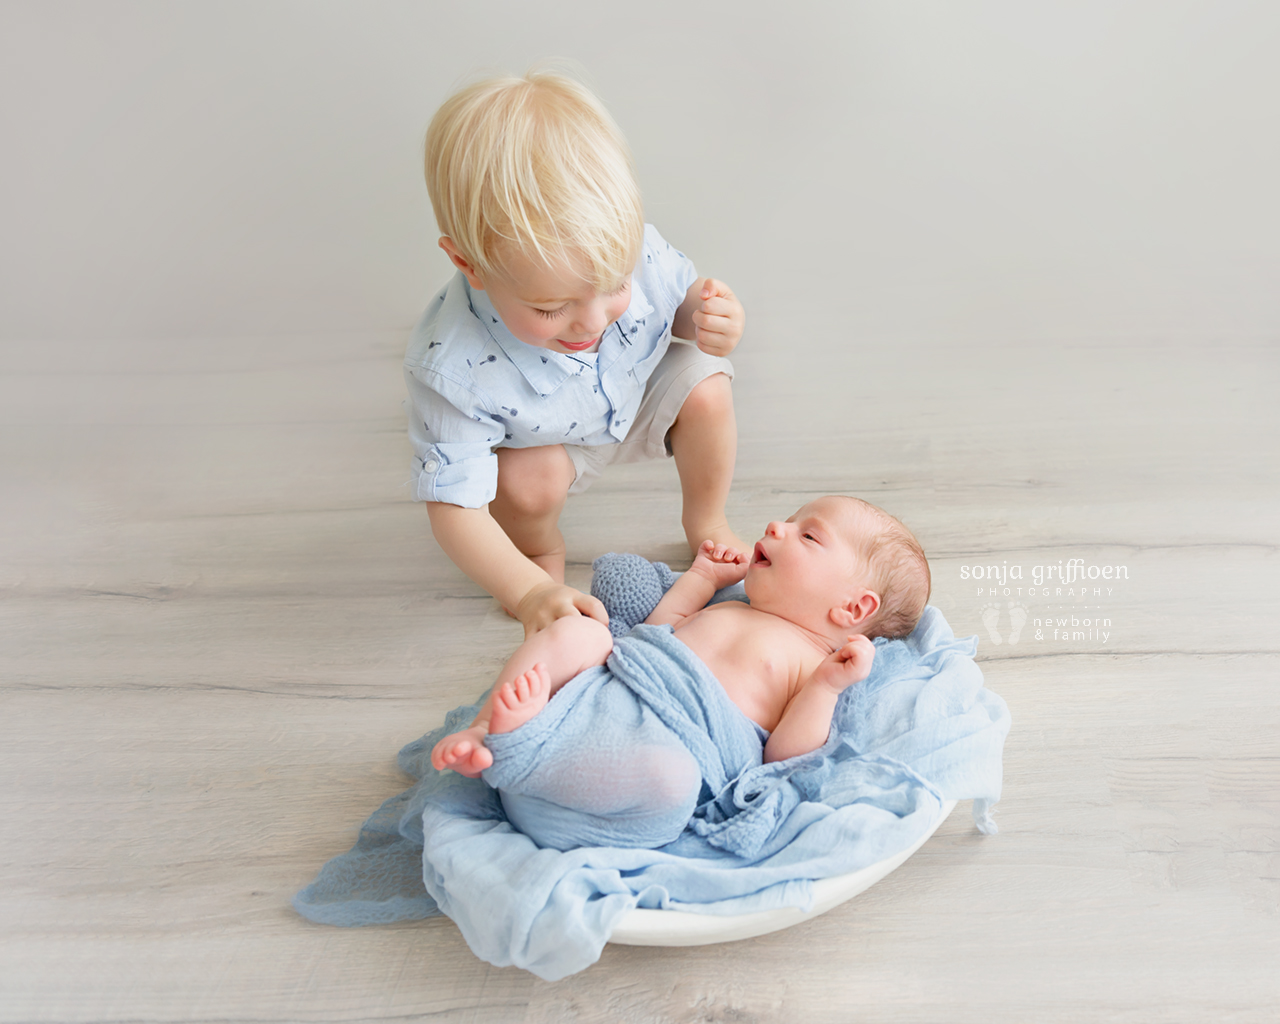 Archie-Newborn-Brisbane-Newborn-Photographer-Sonja-Griffioen-10.jpg